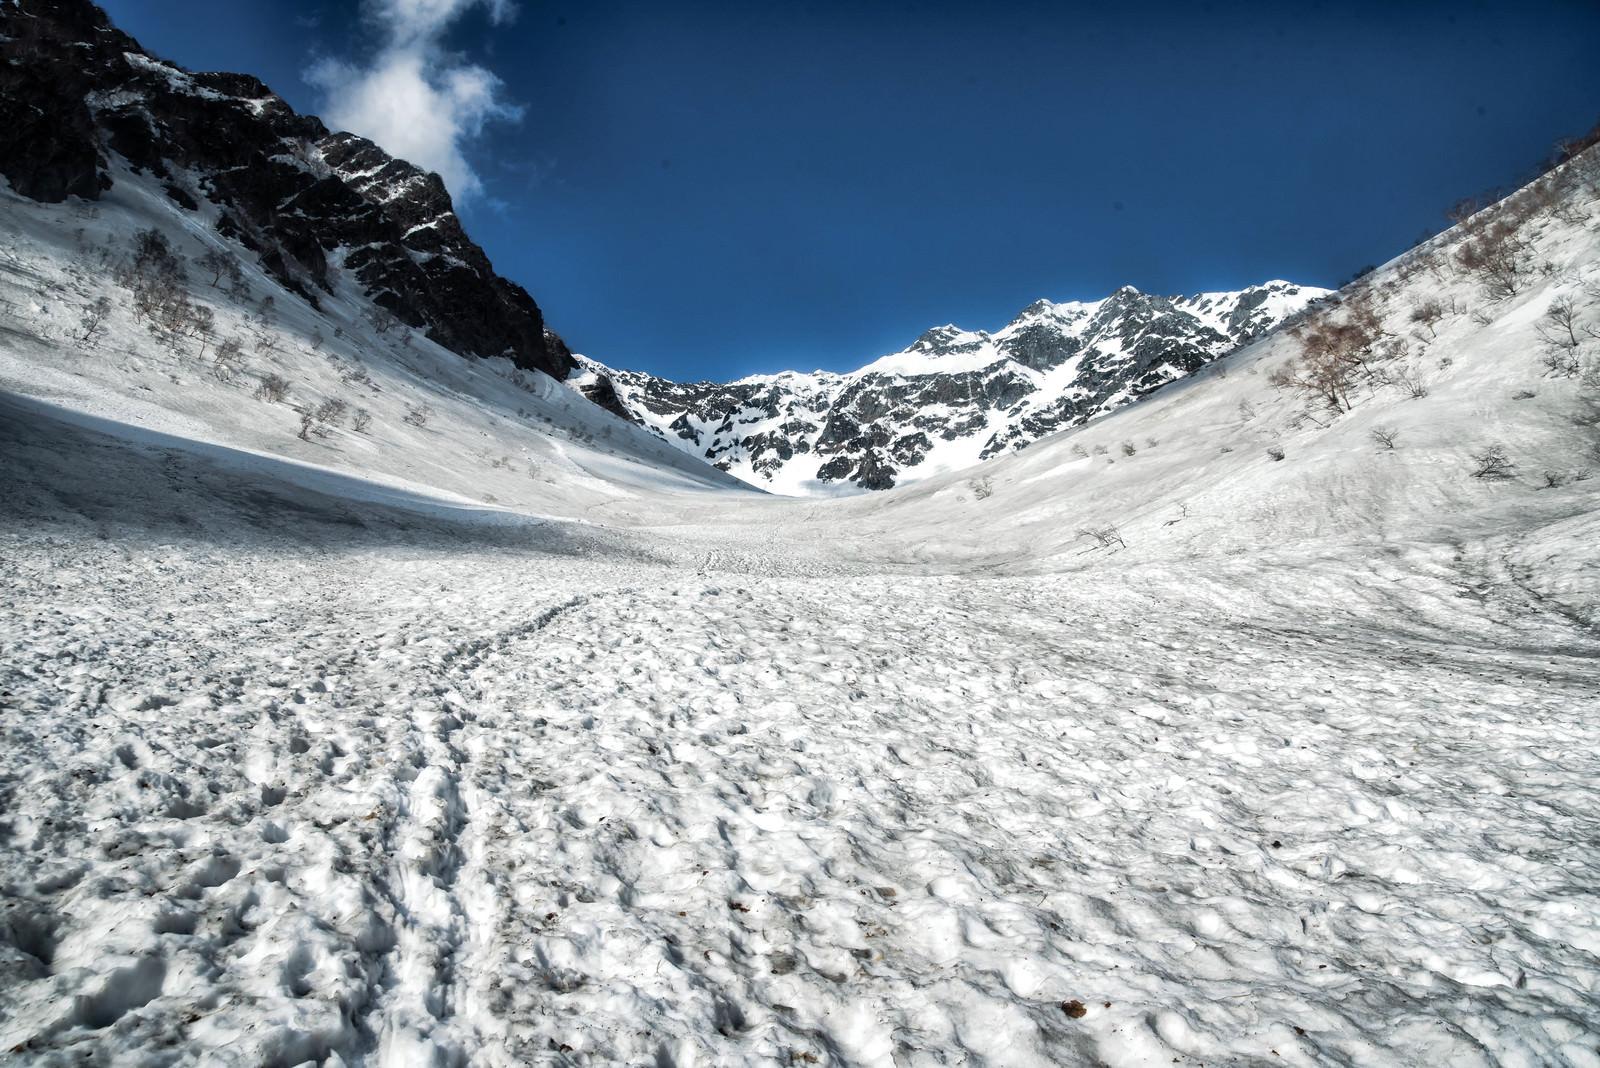 「涸沢へ続く残雪のトレース」の写真